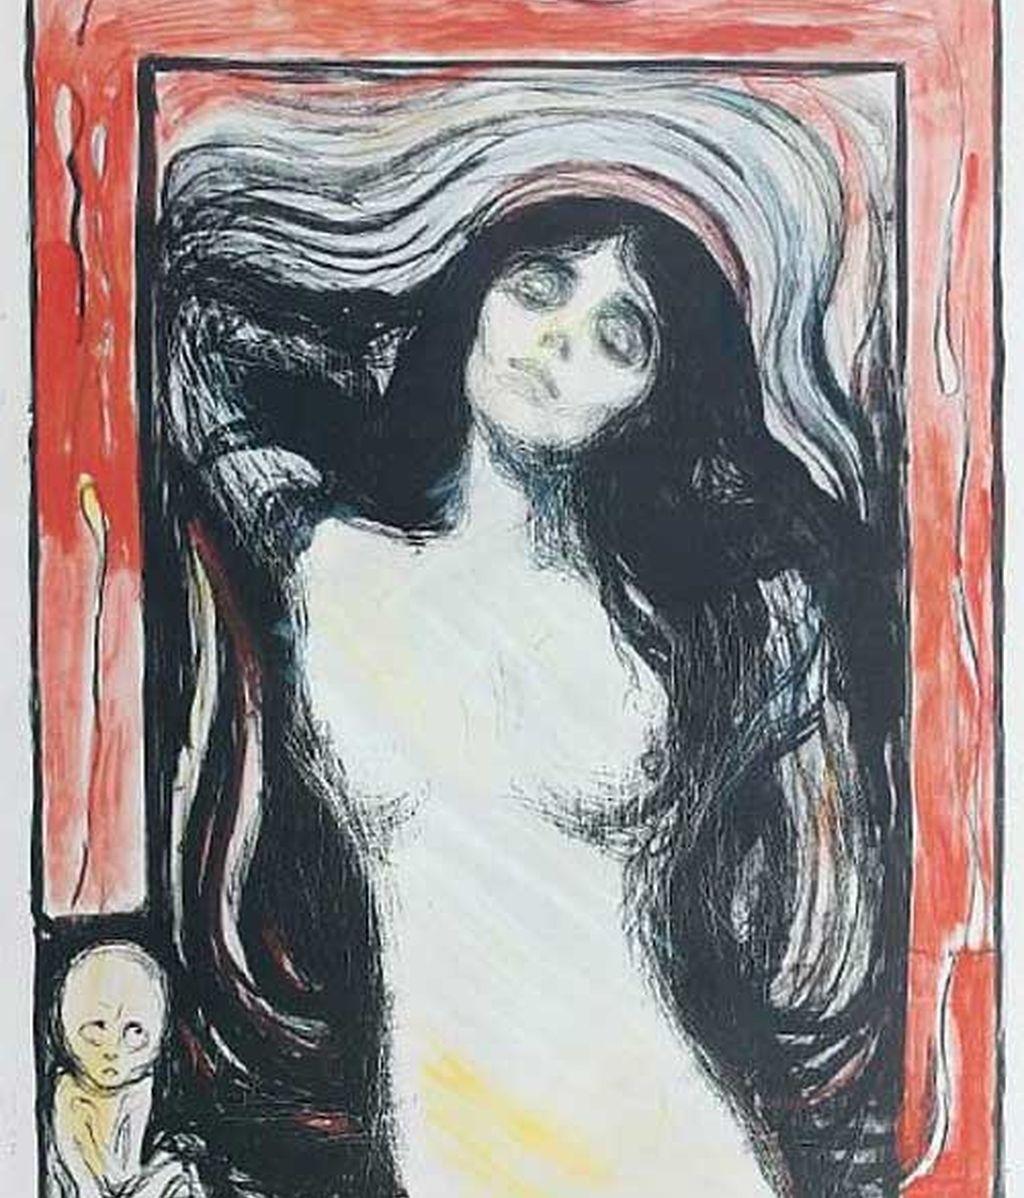 Una de las versiones de 'Madonna', realizada por Eduard Munch. Foto: Bonhams.